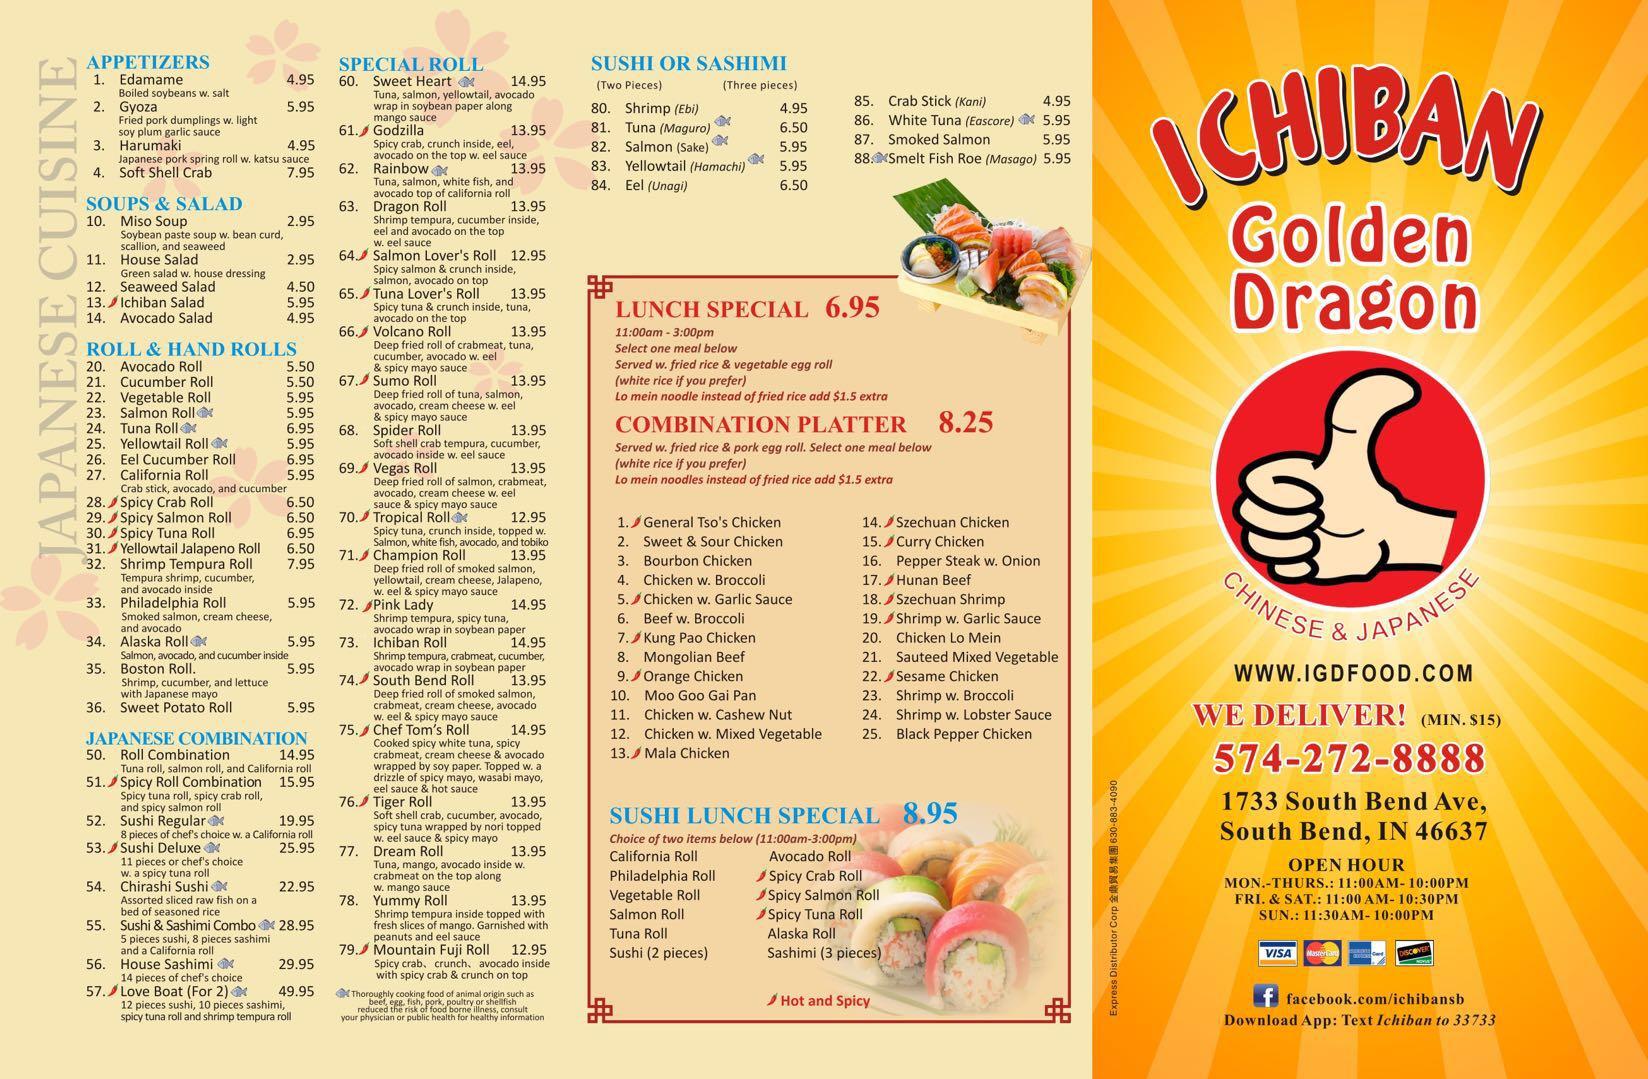 Golden dragon menu south bend benadryl and steroids